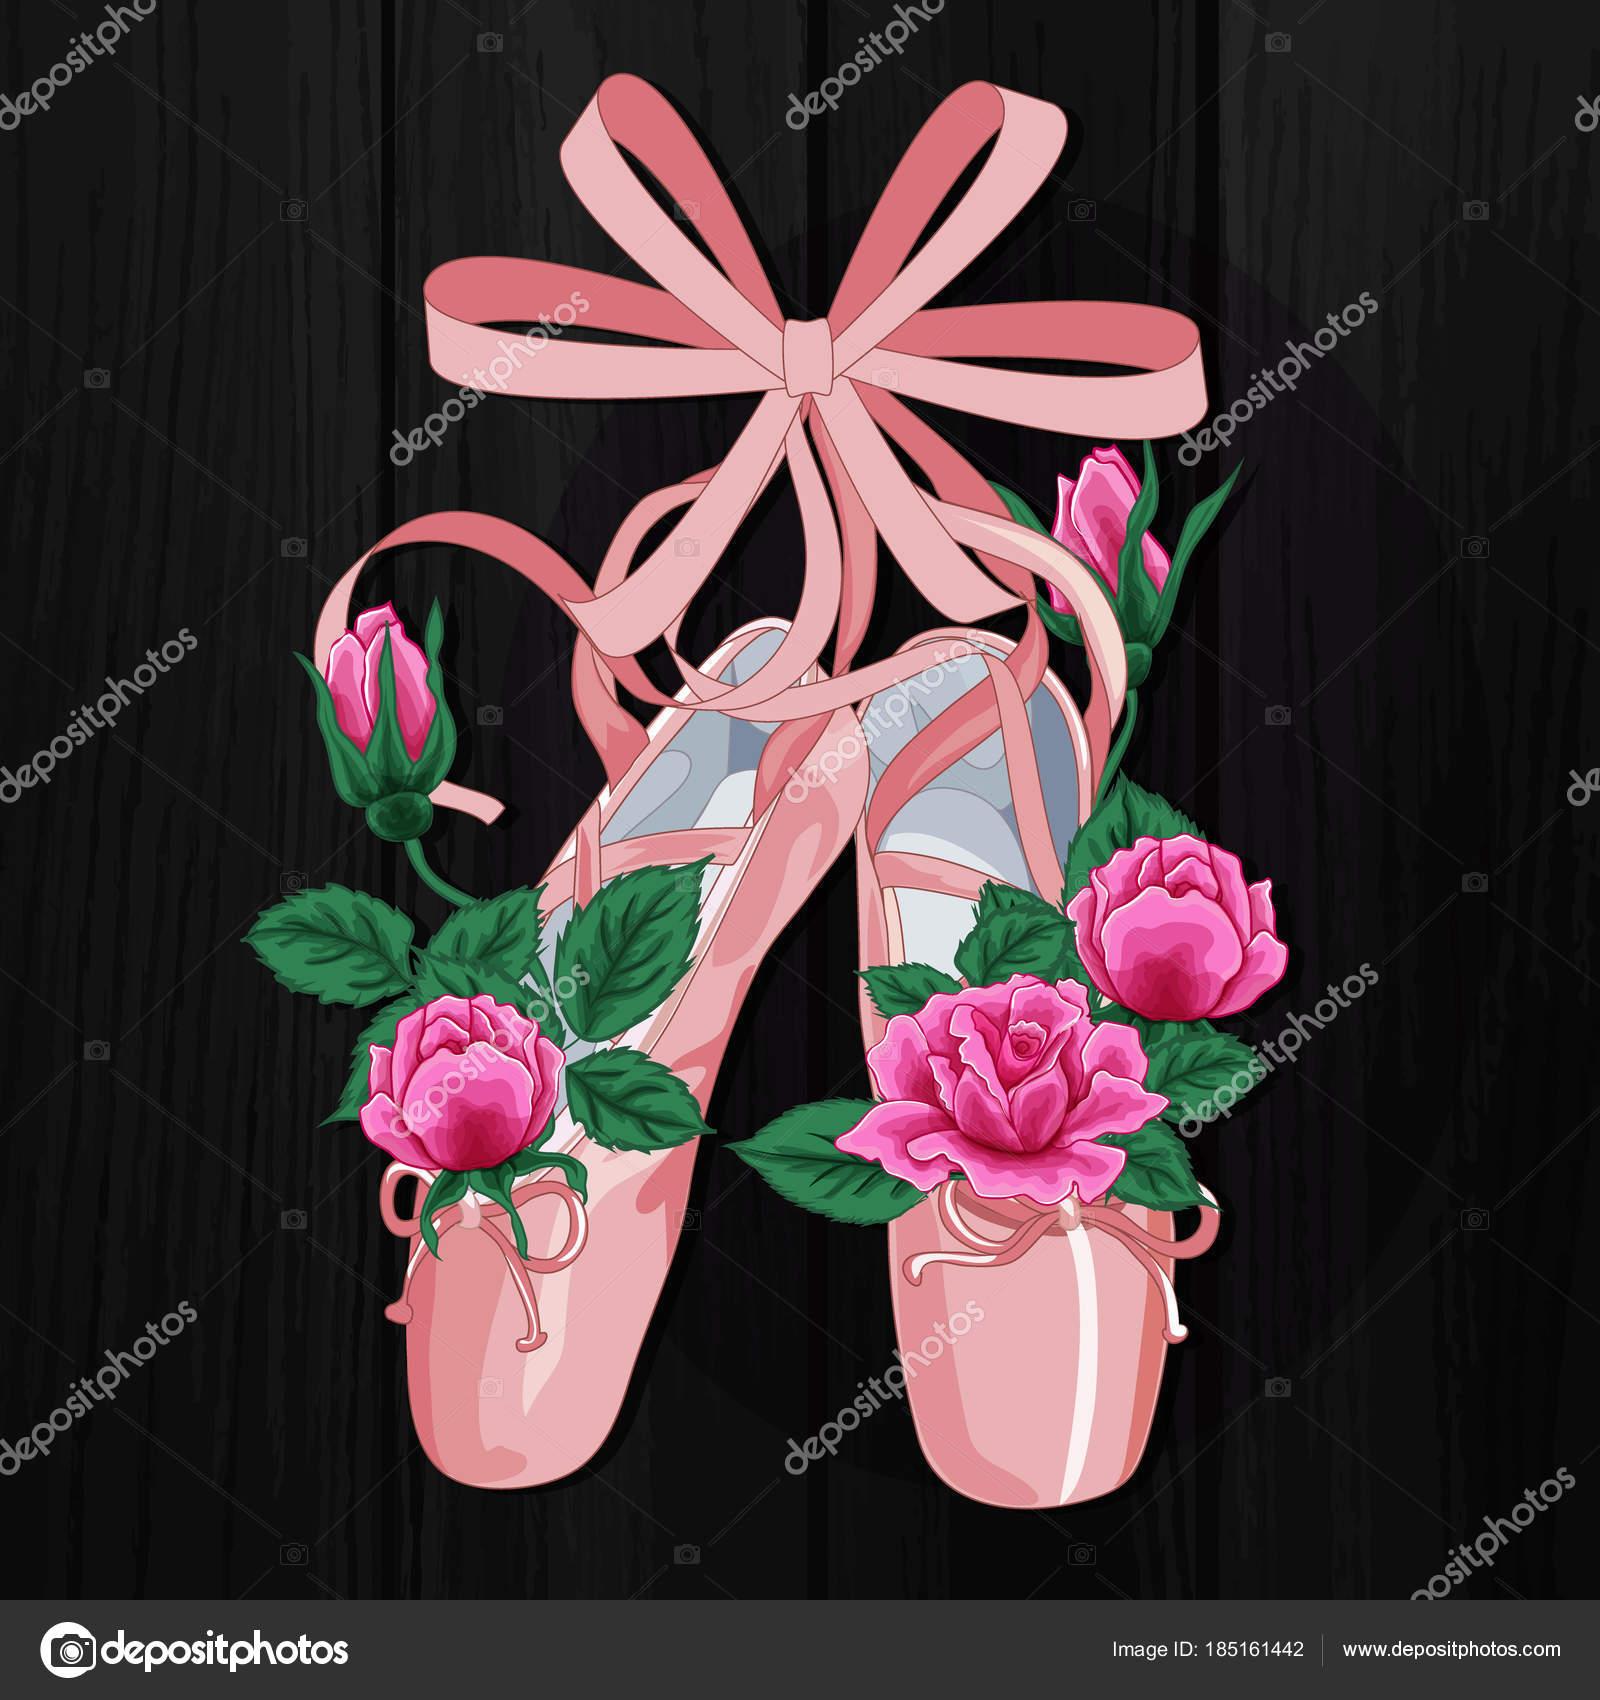 ab74372286b Ženské baletní střevíčky s růžové růže růžové pointes plochá konstrukce na  černém pozadí — Stockový vektor